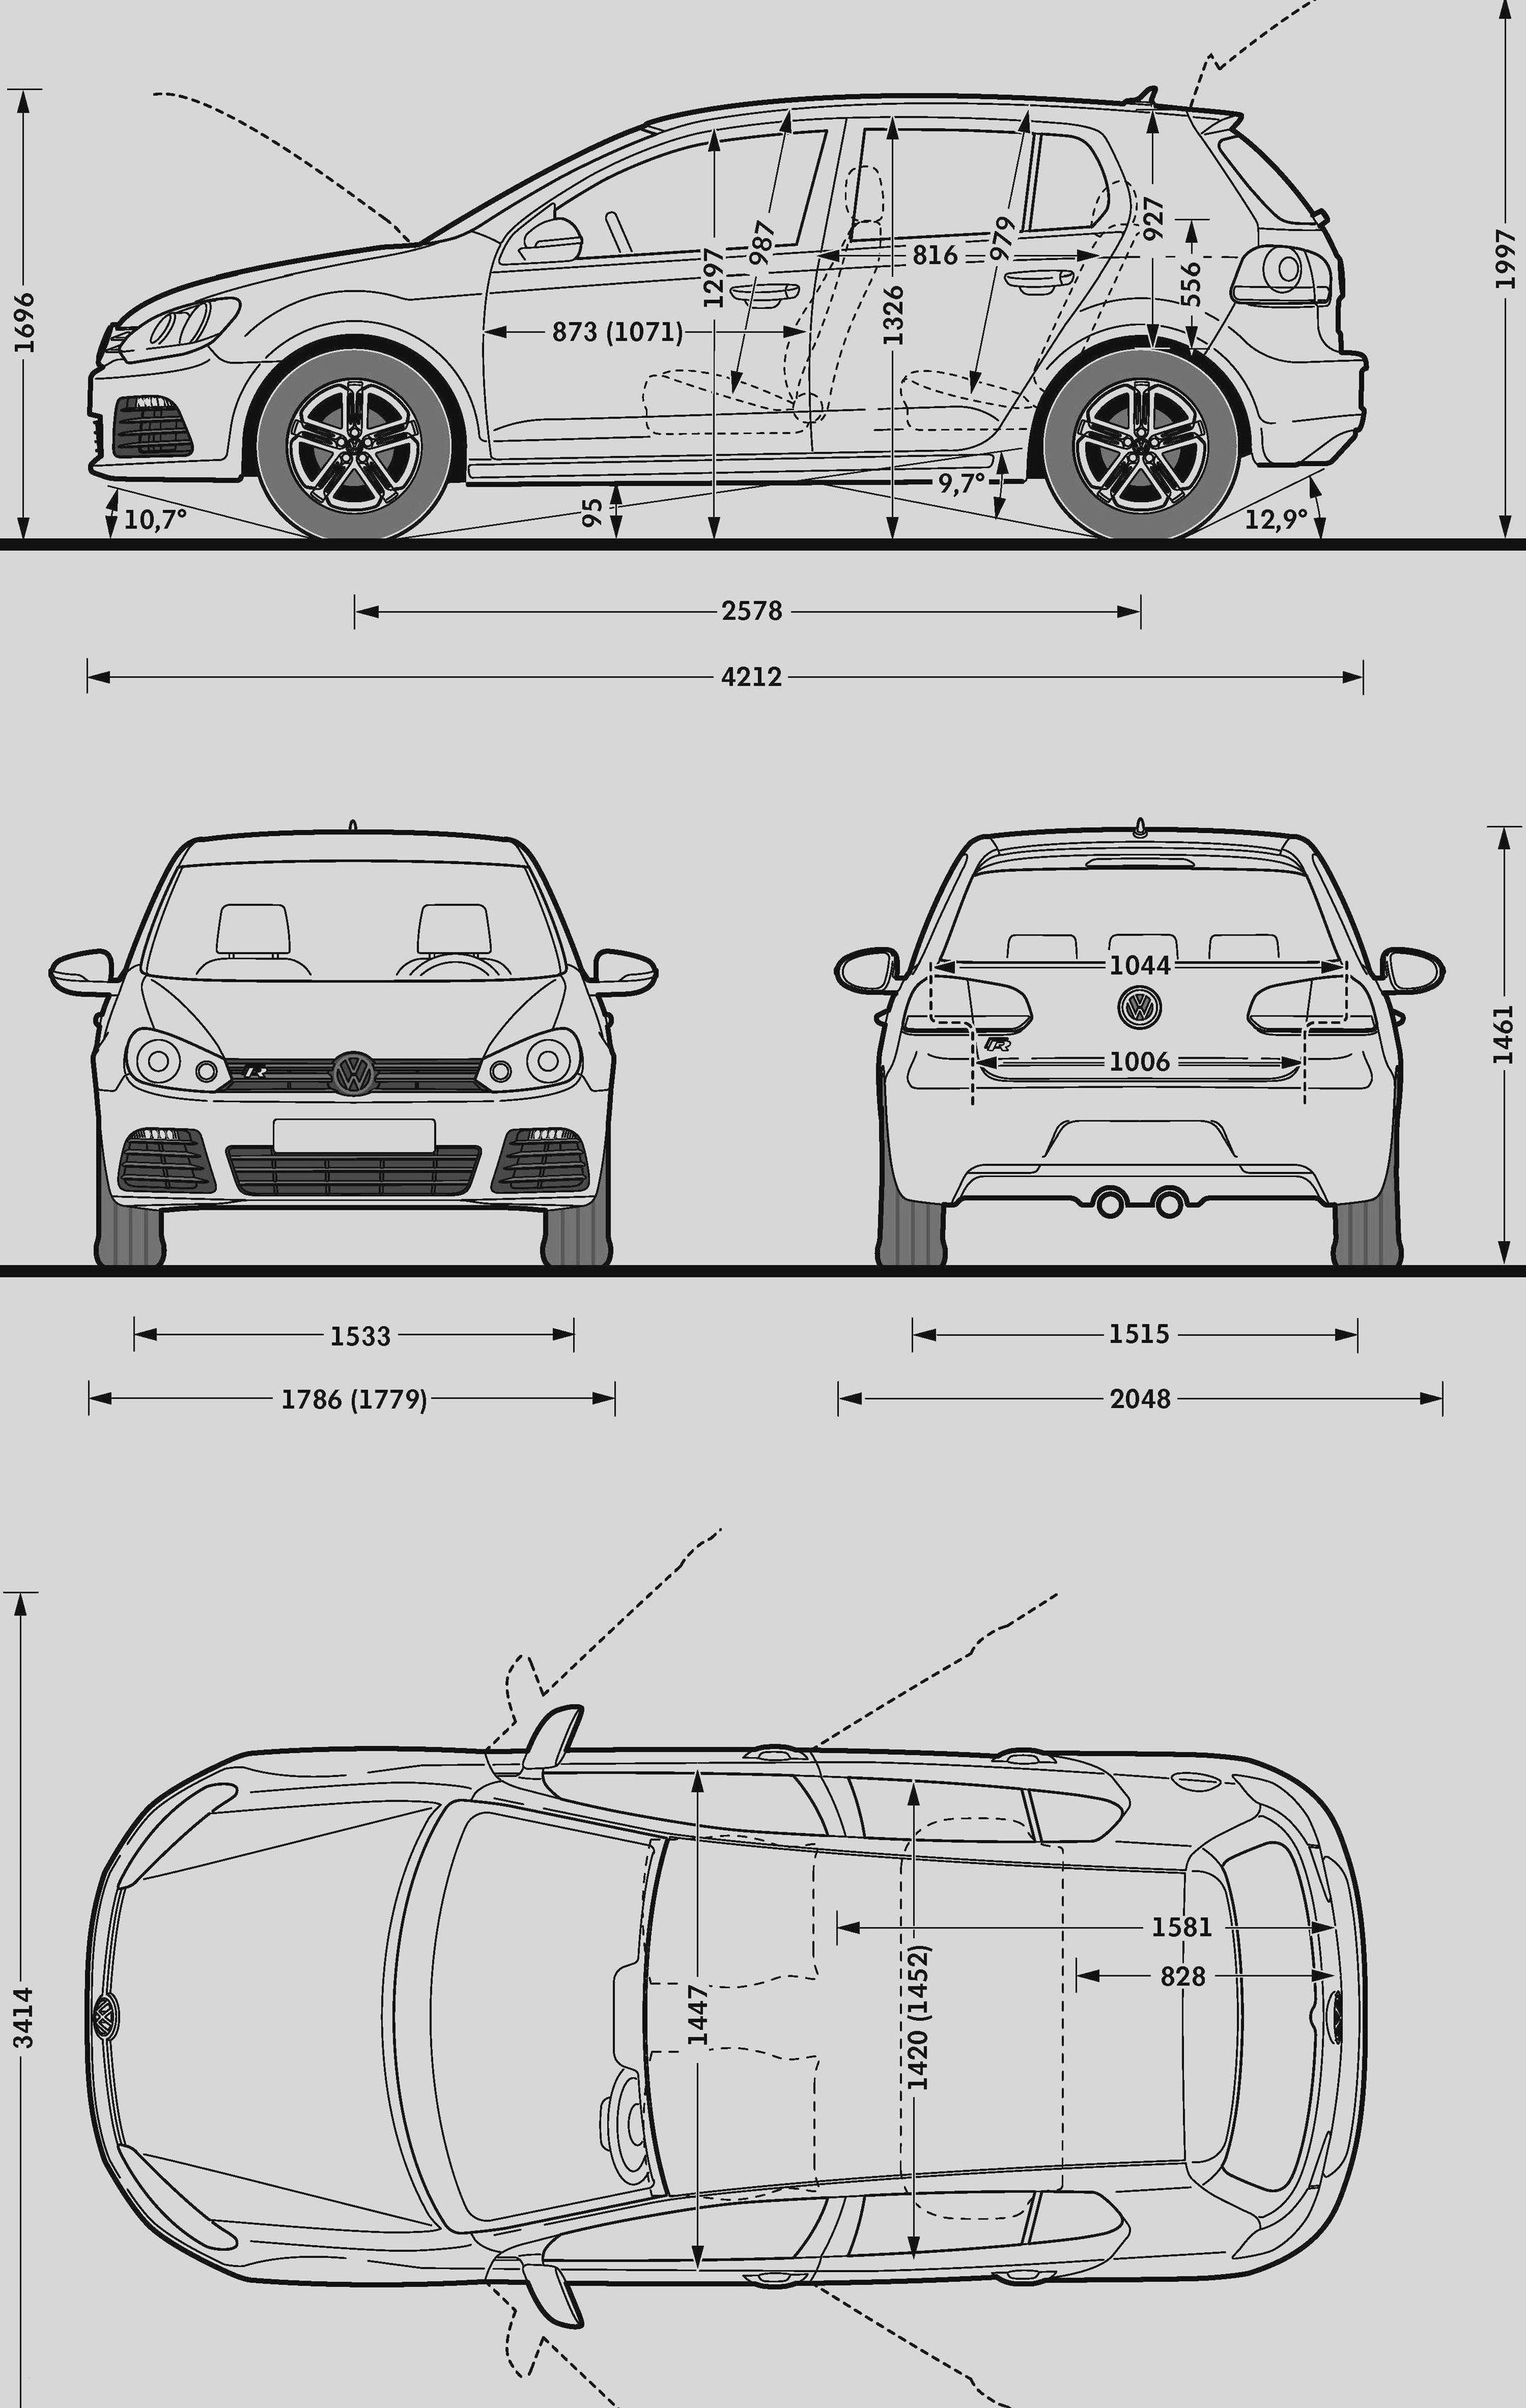 Malvorlage Sendung Mit Der Maus Frisch Audi Ausmalbilder Inspirierend Schön Malvorlagen Auto Cabrio Art Von Das Bild